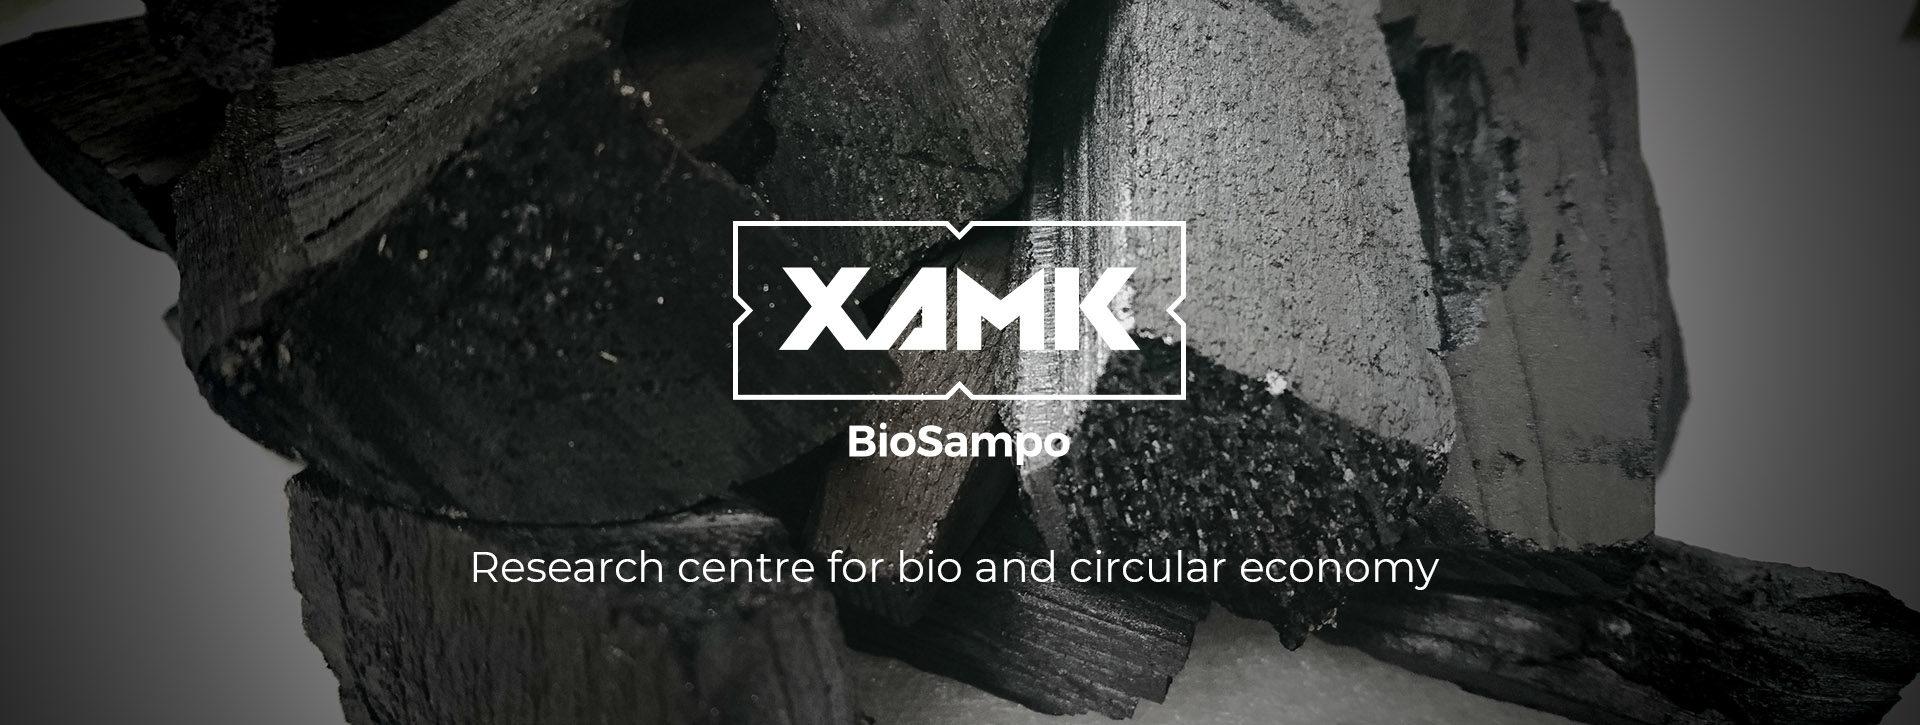 BioSampo